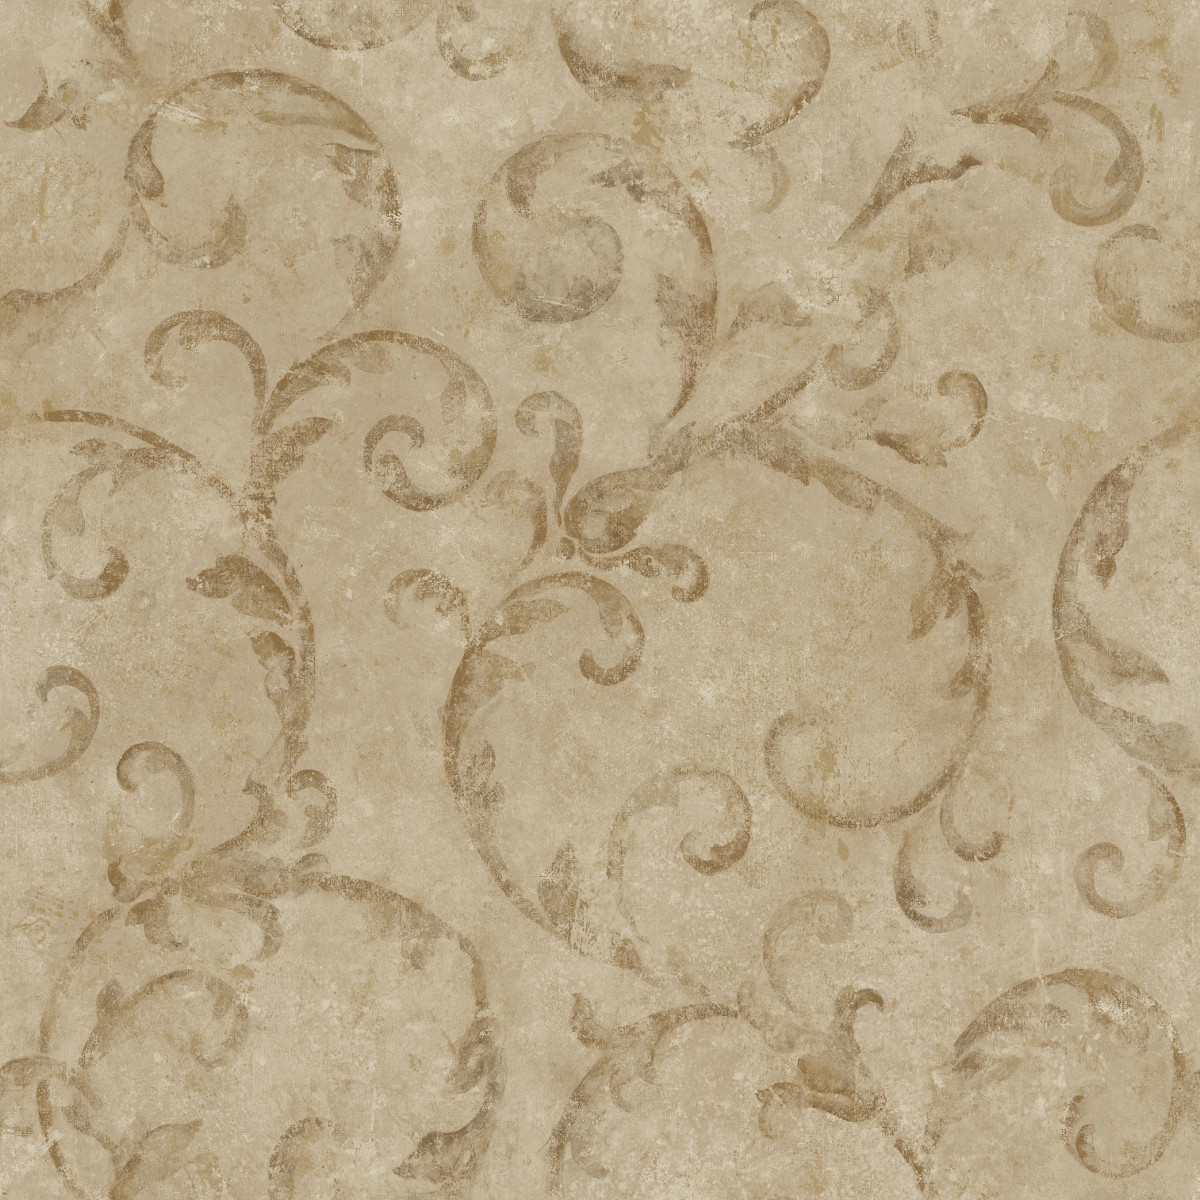 Обои виниловые Aura Silks &amp Textures коричневые 0.53 м NT33743